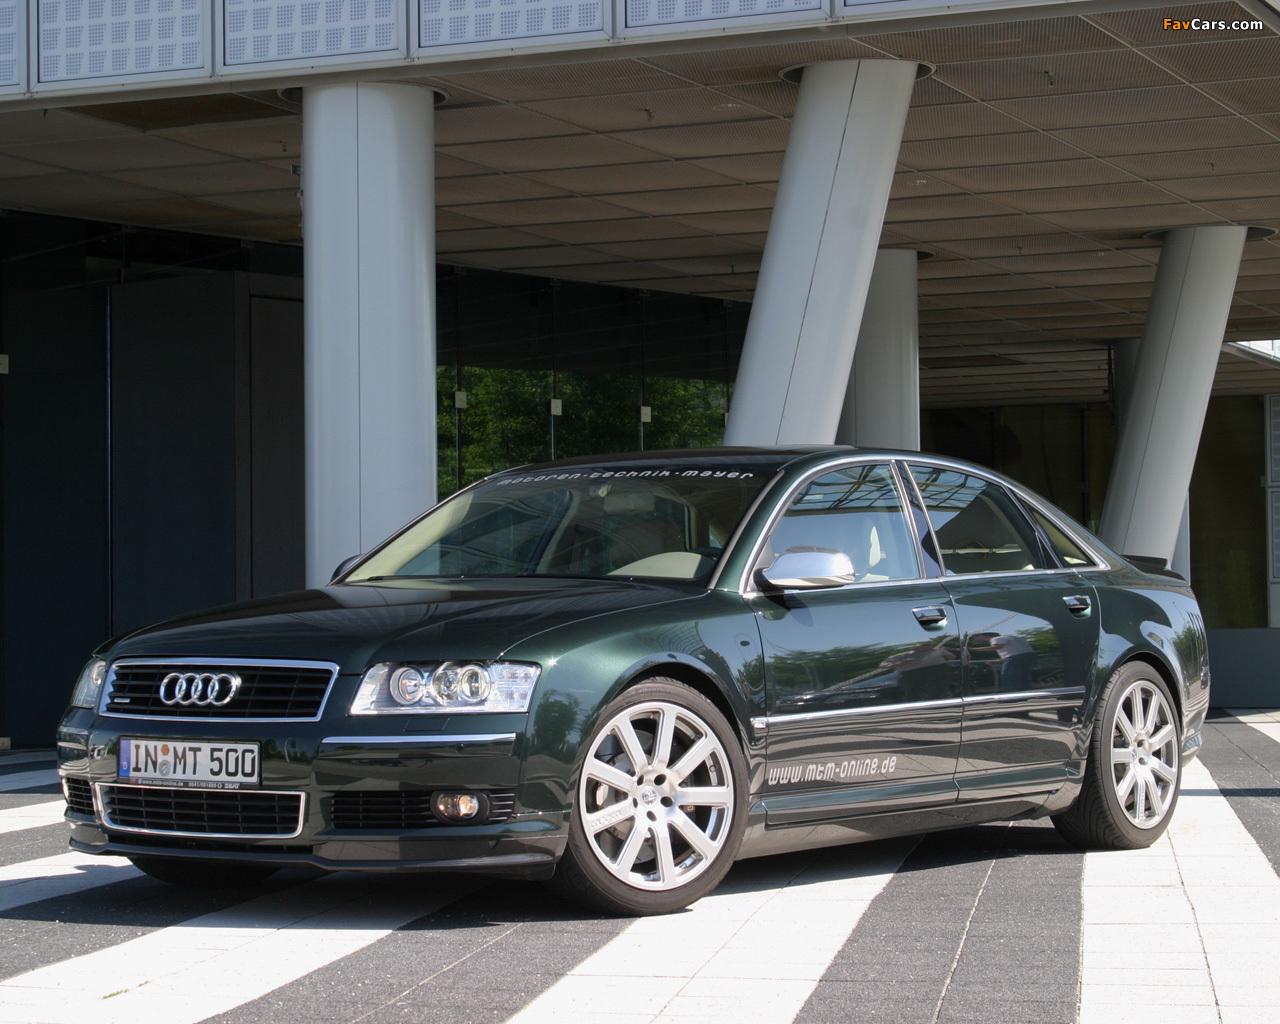 Mtm Audi A8 D3 Wallpapers 1280x1024